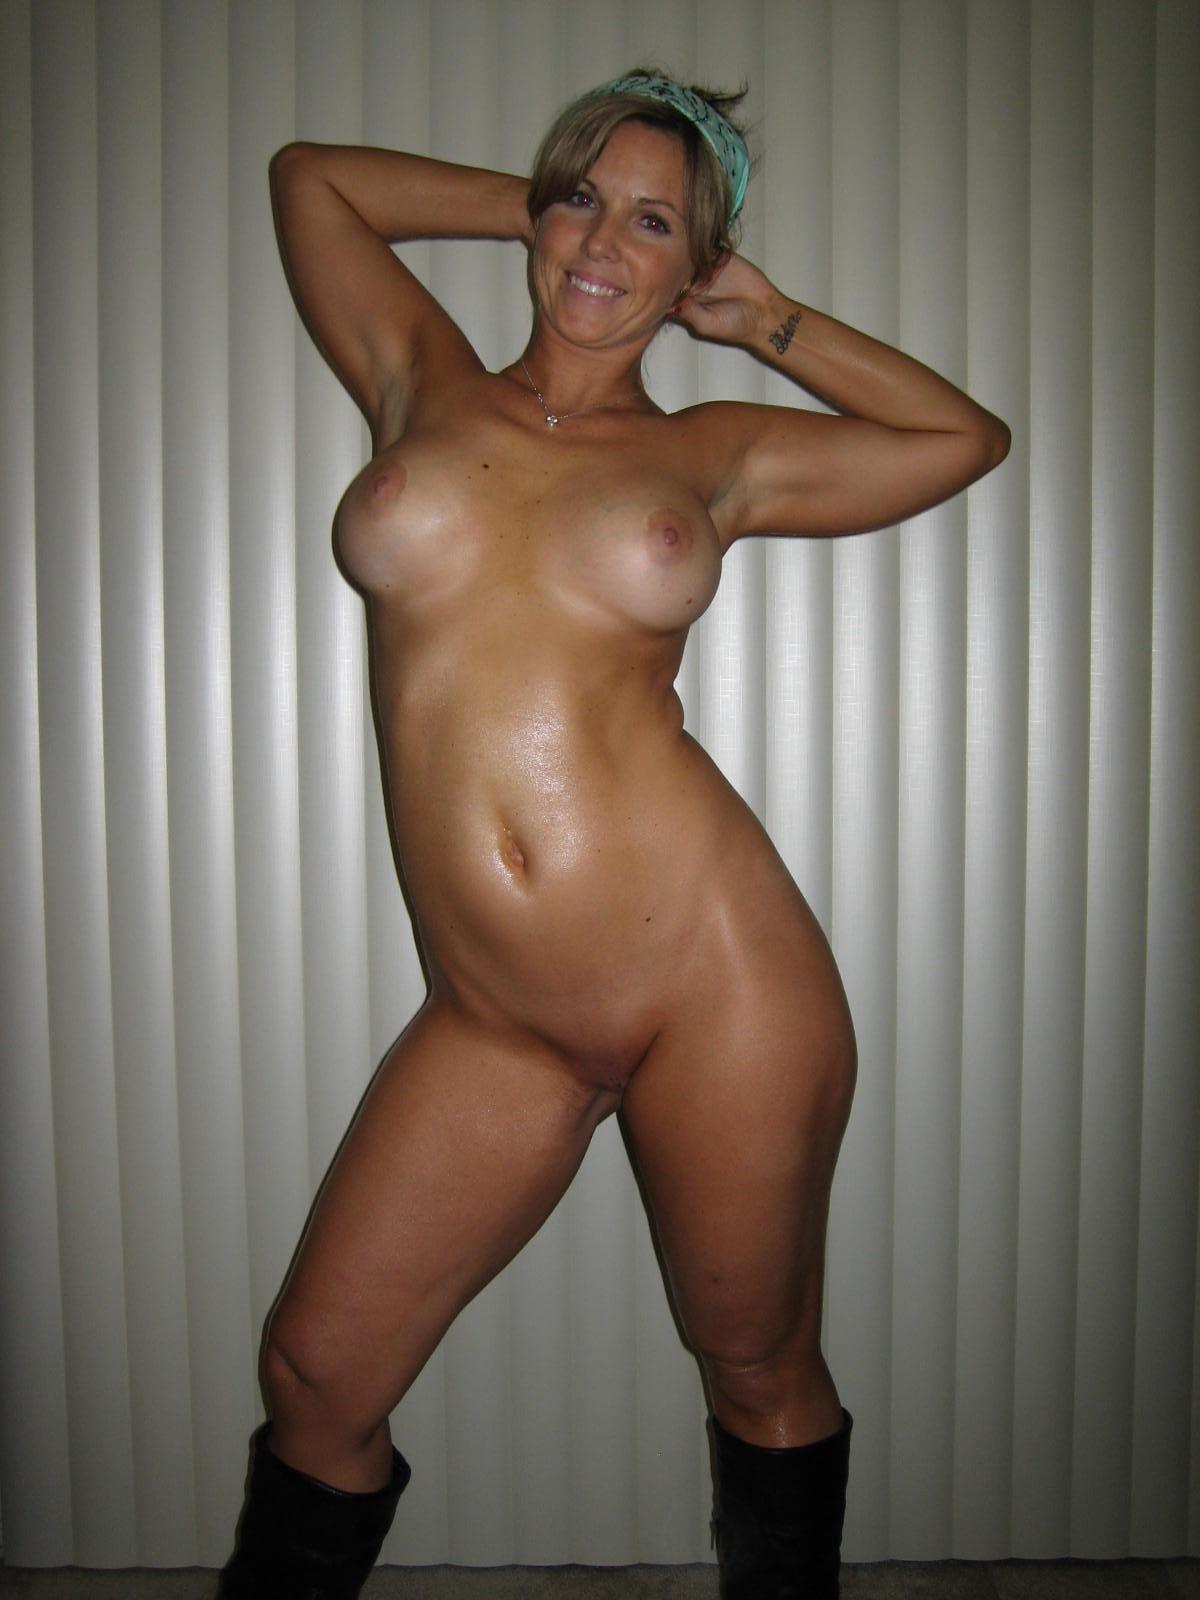 Snygga tjejer i sexiga underkläder porn tube swedish   Africa sex 300ed0bdd3bcc